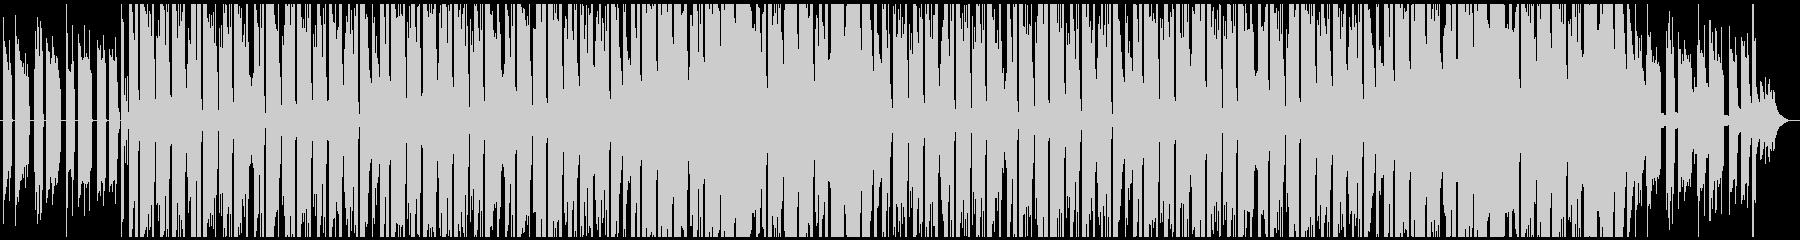 ギターアルペジオが印象的なヒップホップの未再生の波形